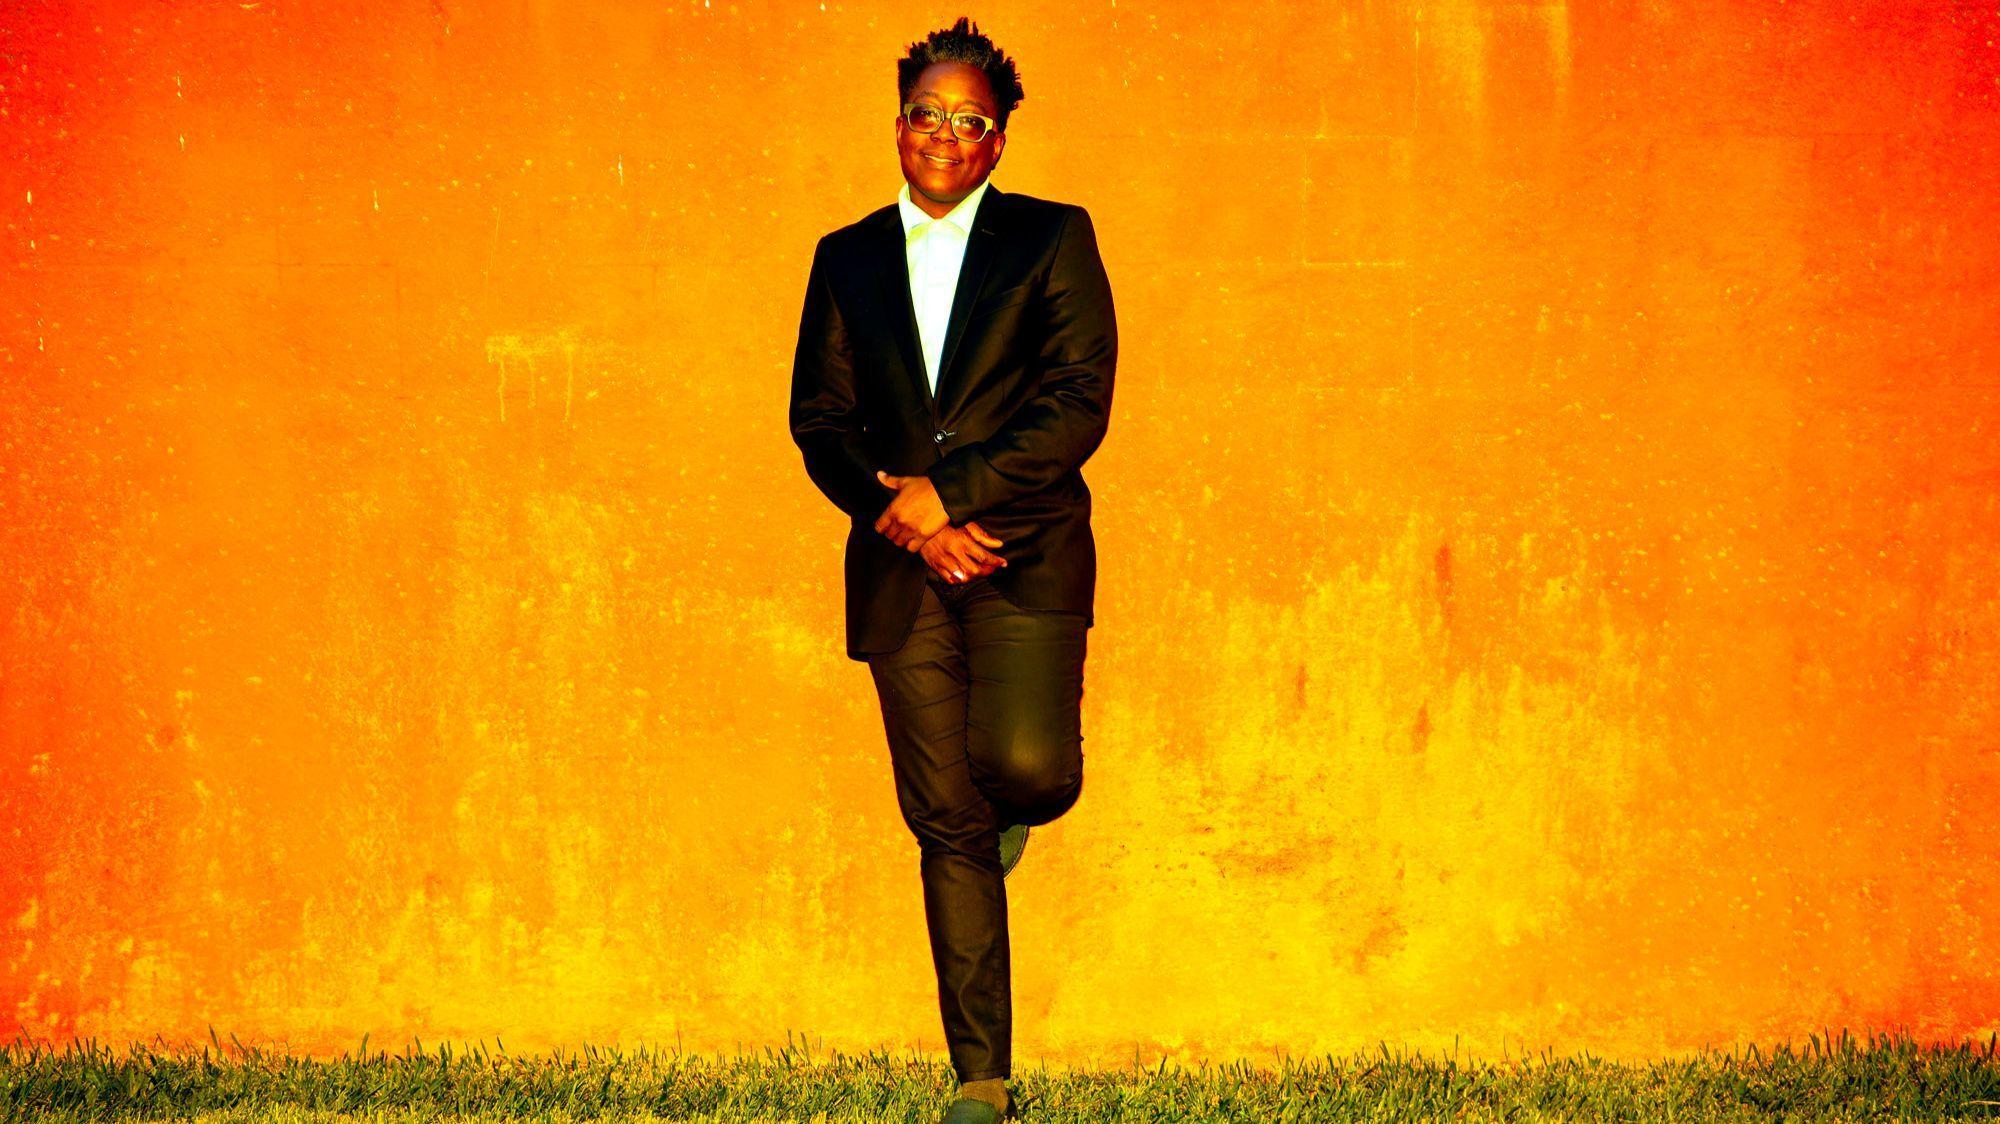 Director Cheryle Dunye